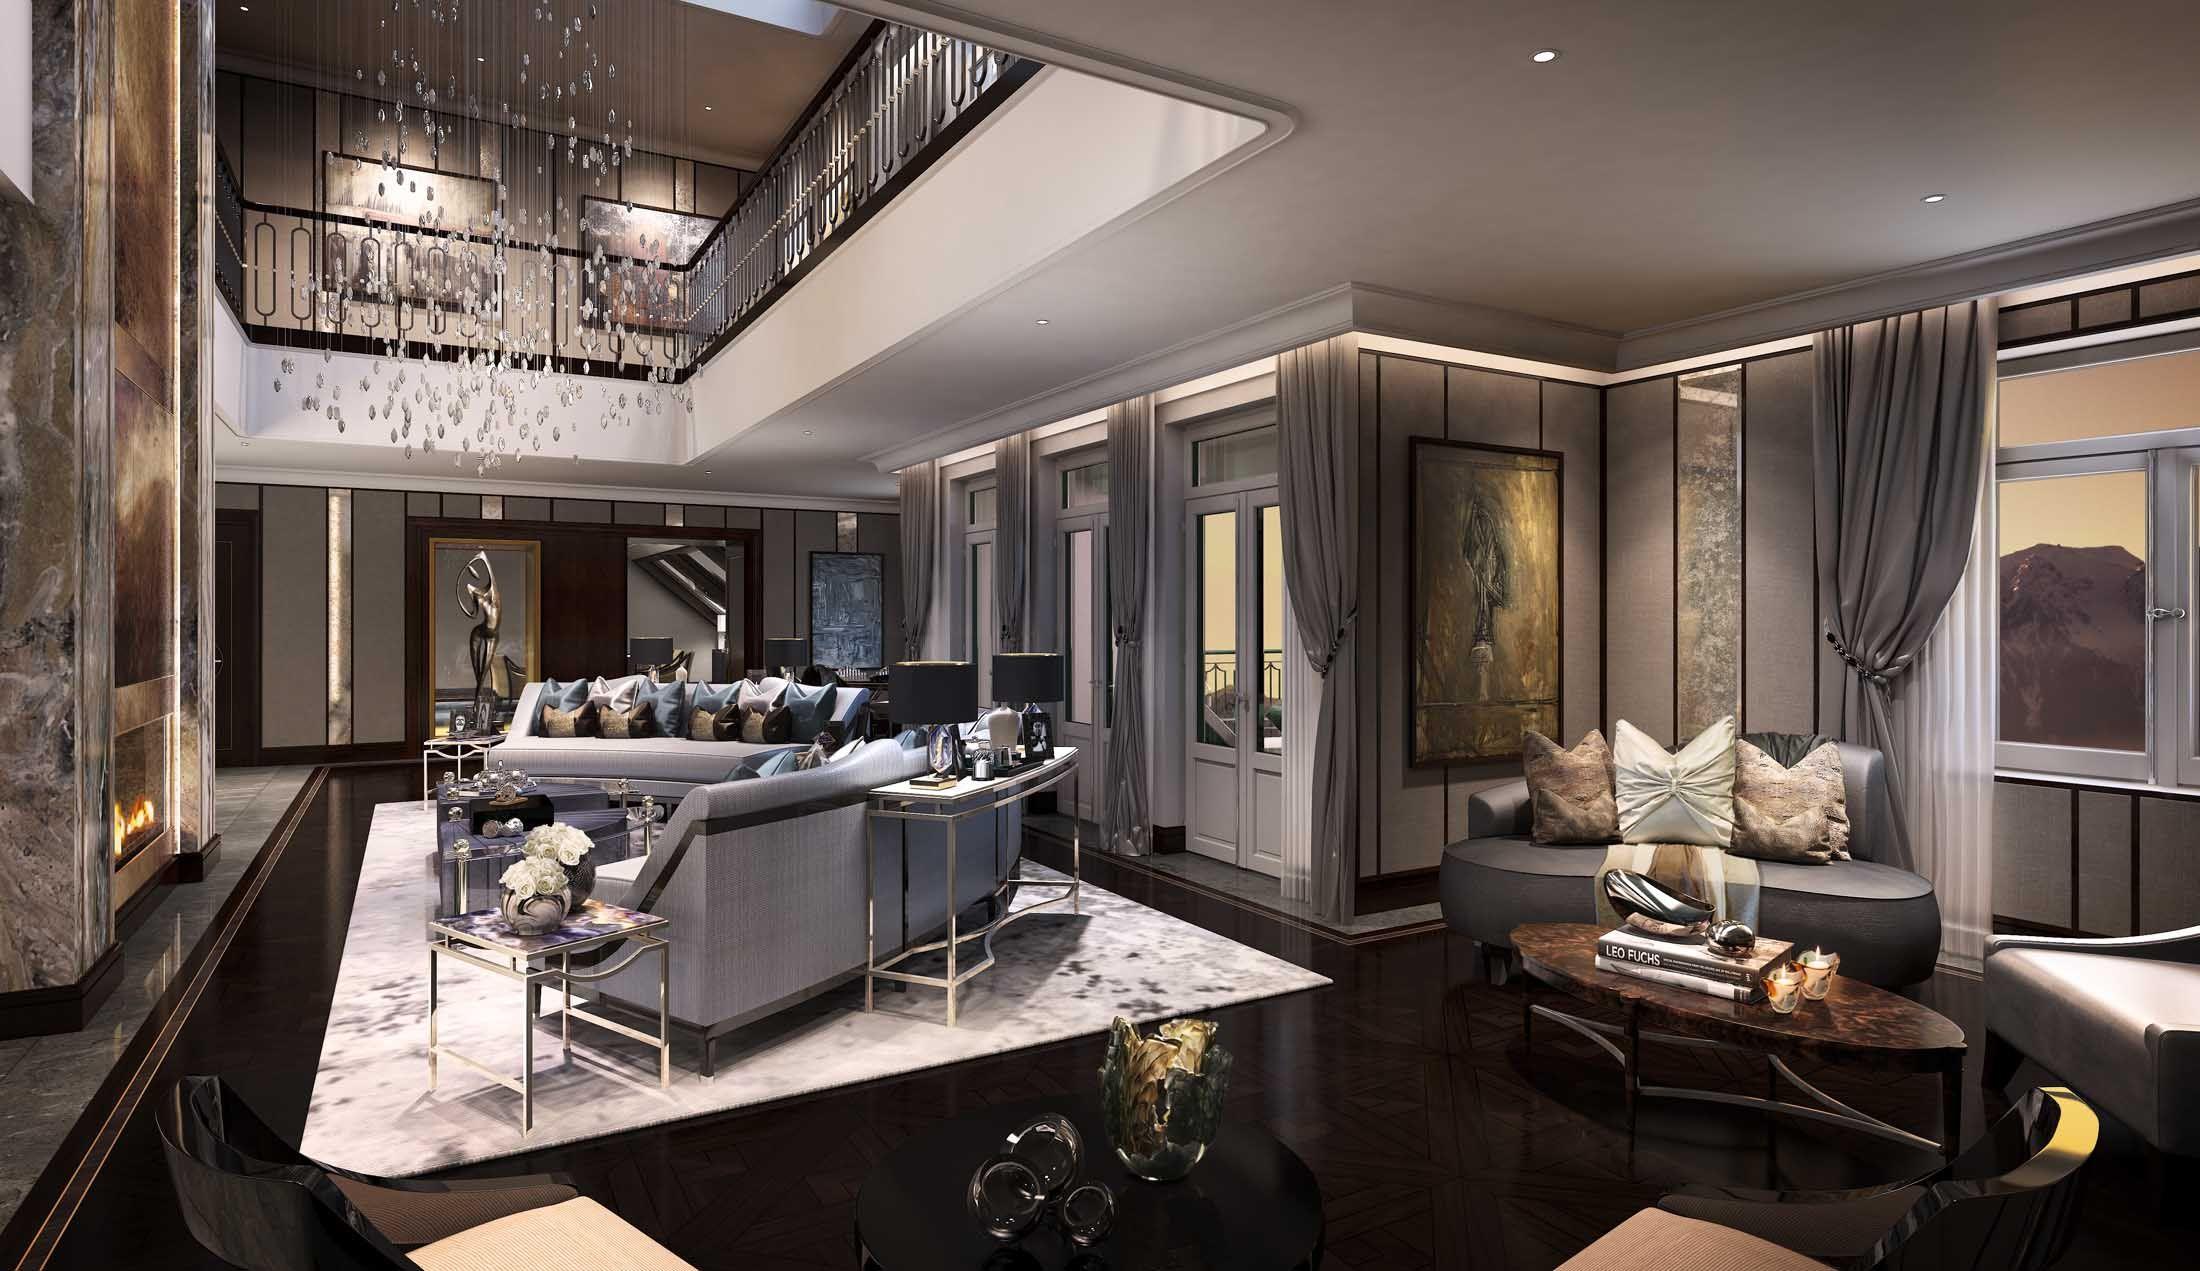 families luxury interior designer - HD1920×1080